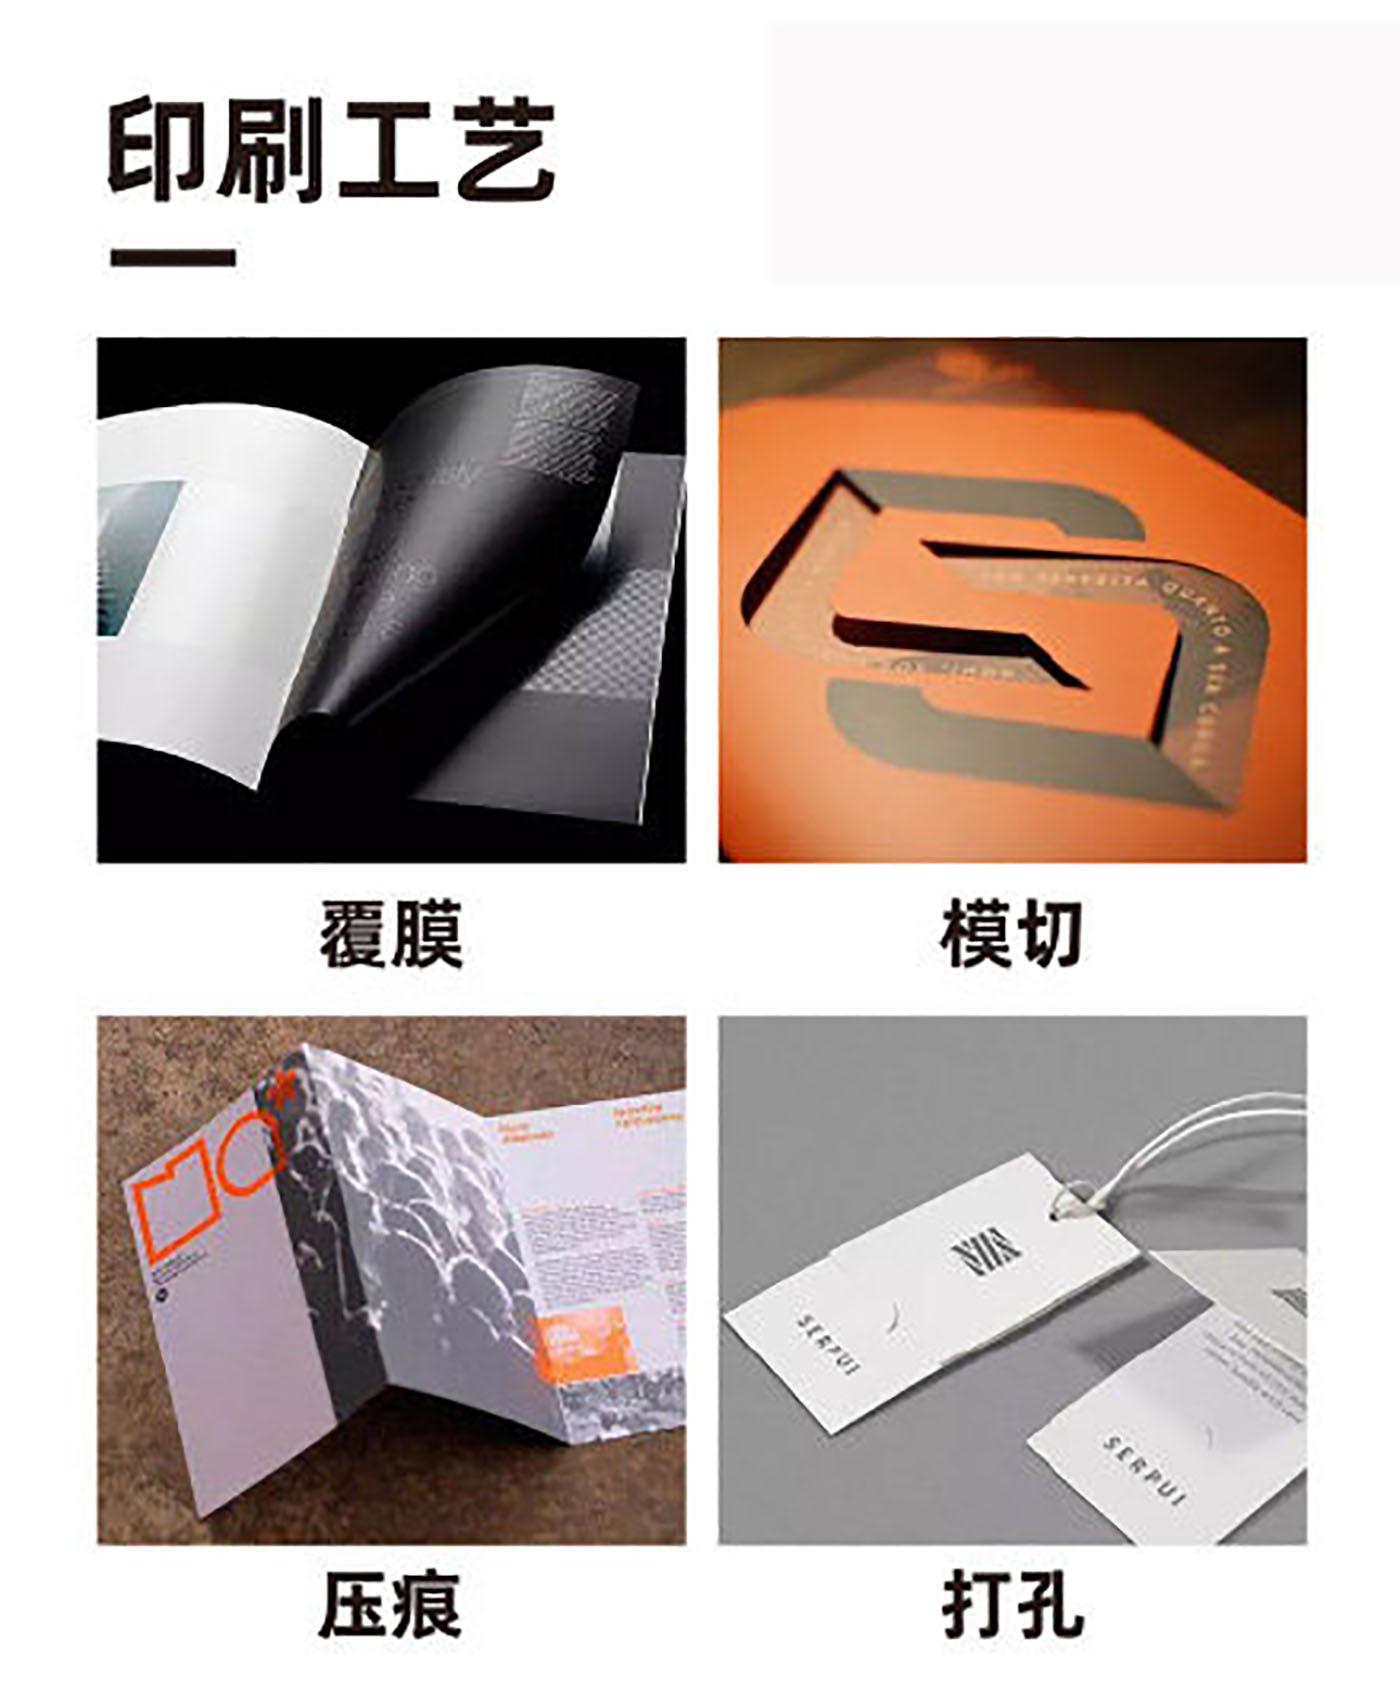 提升成品的常用印刷工艺有哪些?